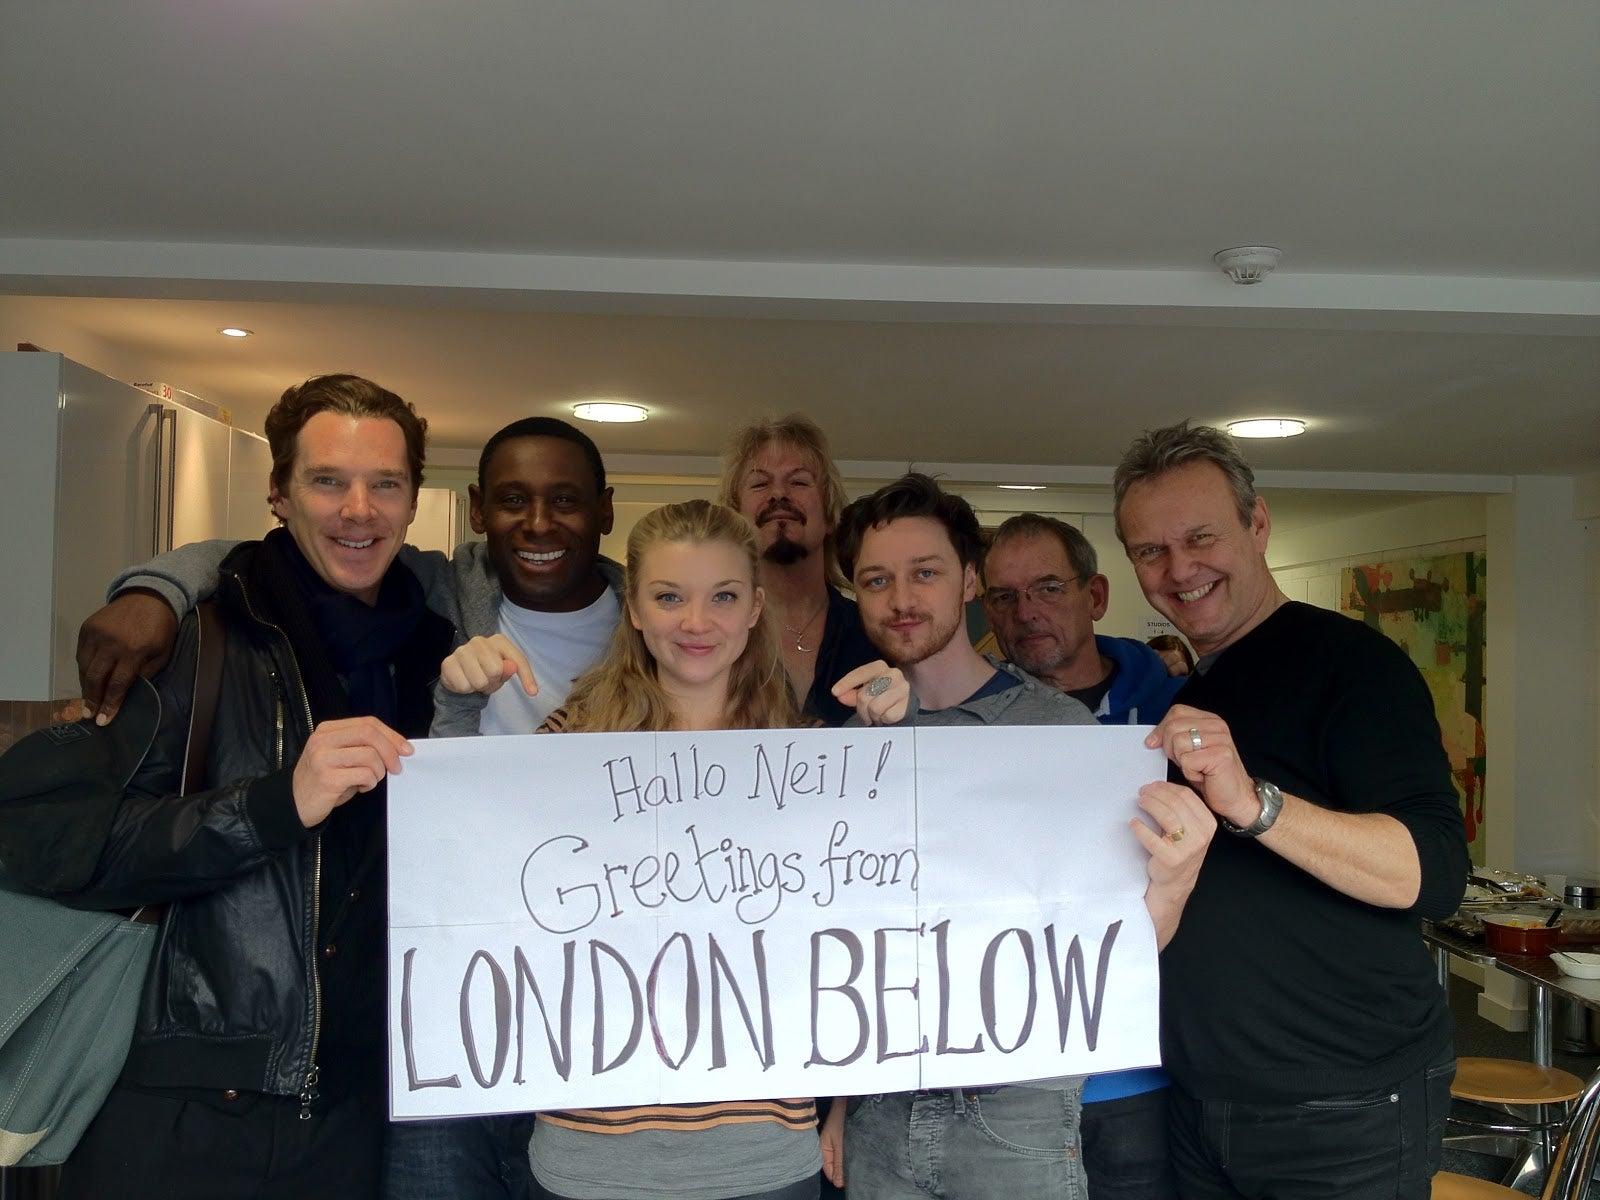 london-below